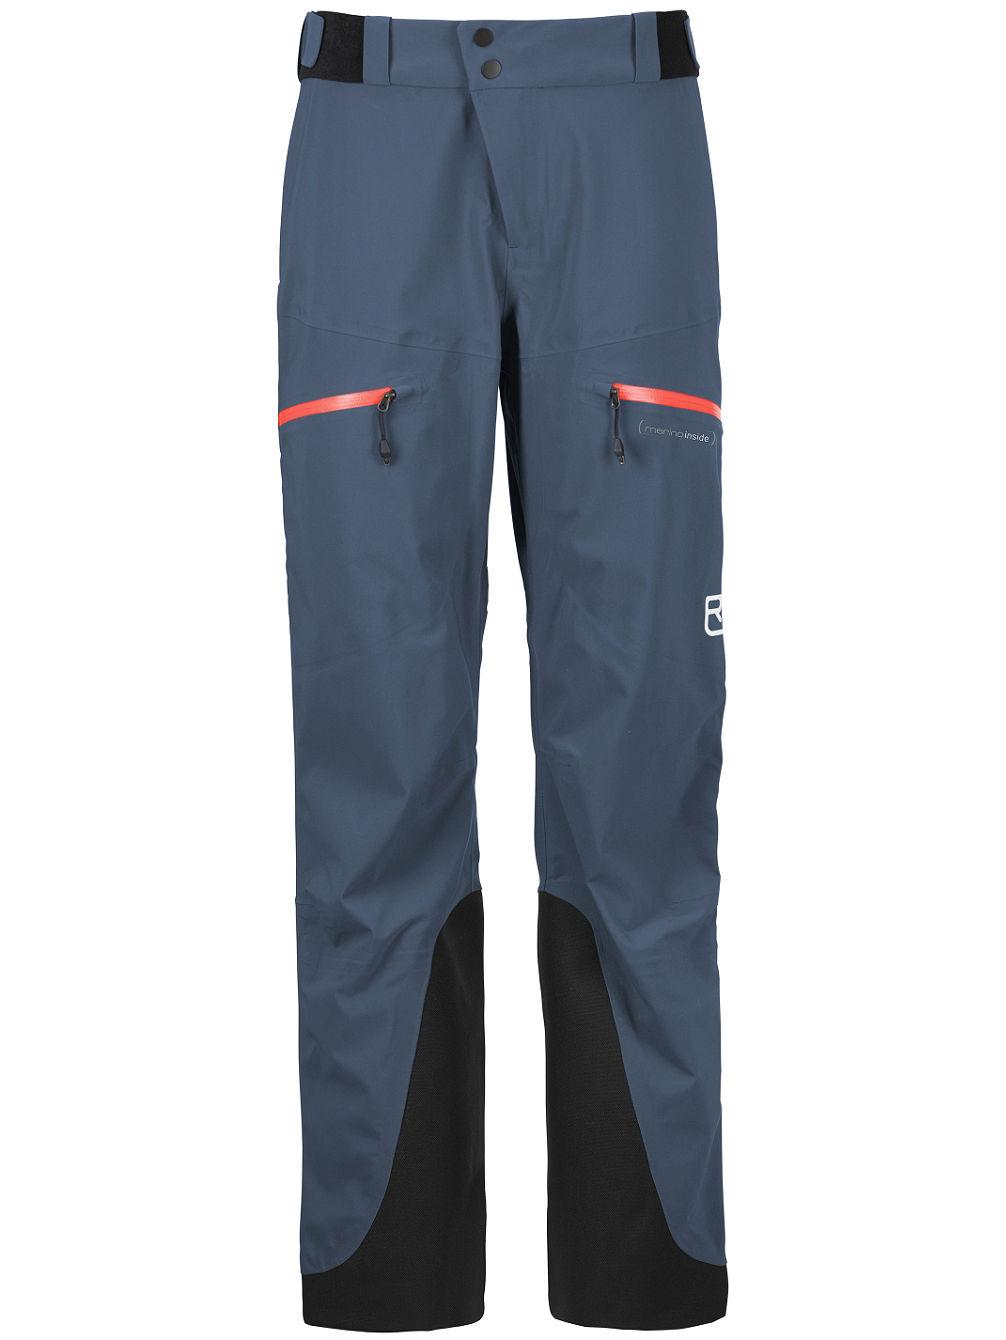 aa1b65df Køb Ortovox 3L Hardshell Alagna Pants online hos Blue Tomato